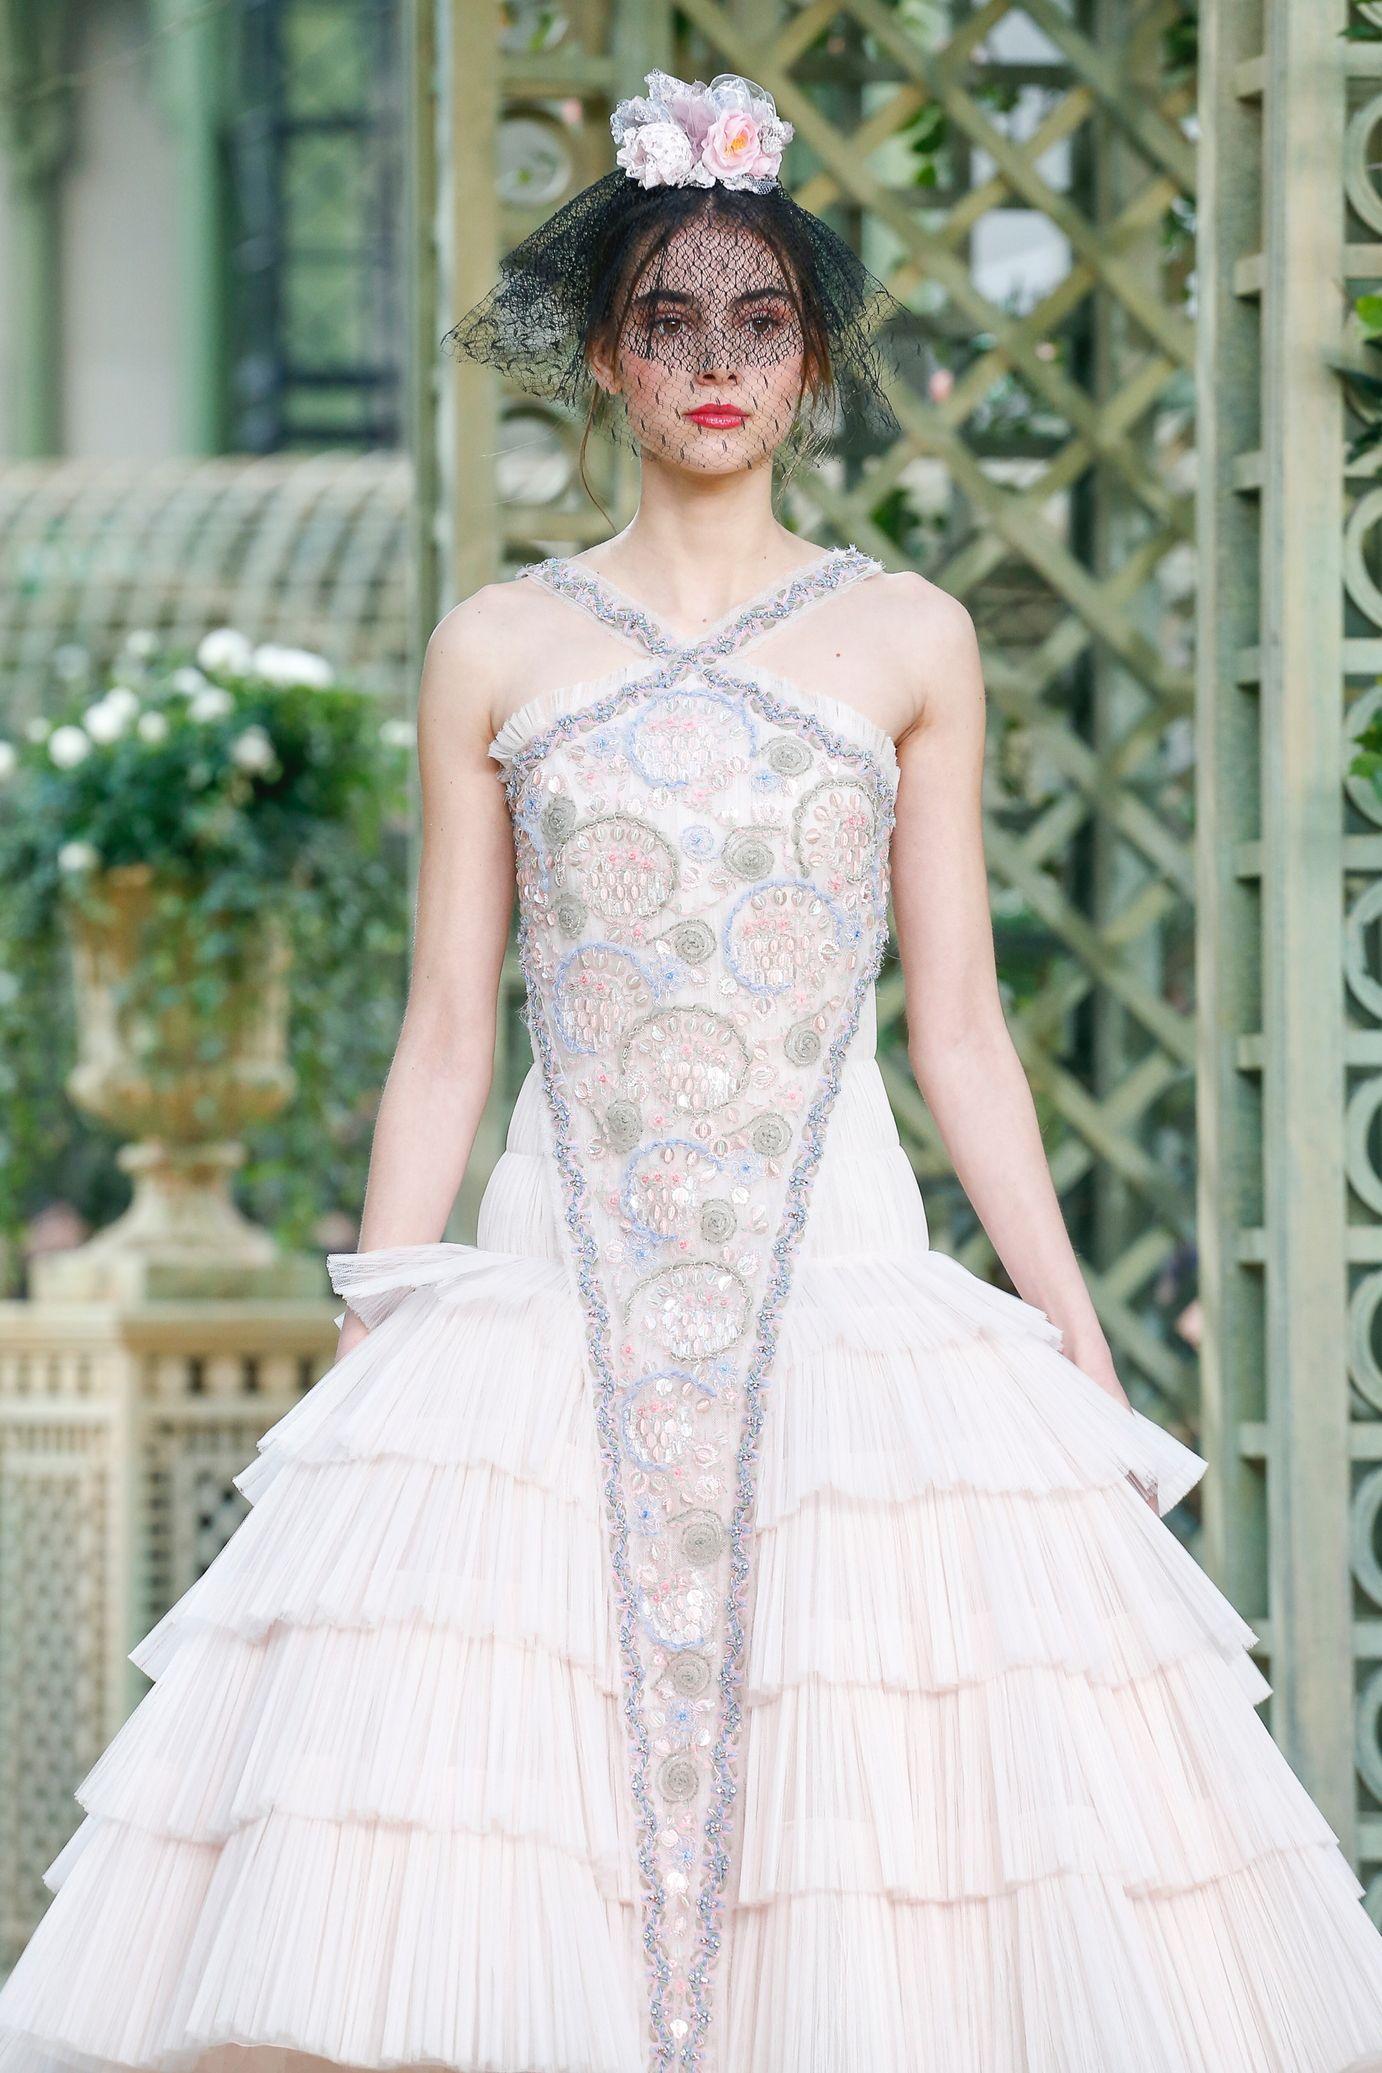 Défilé chanel haute couture printempsété chanel fashion